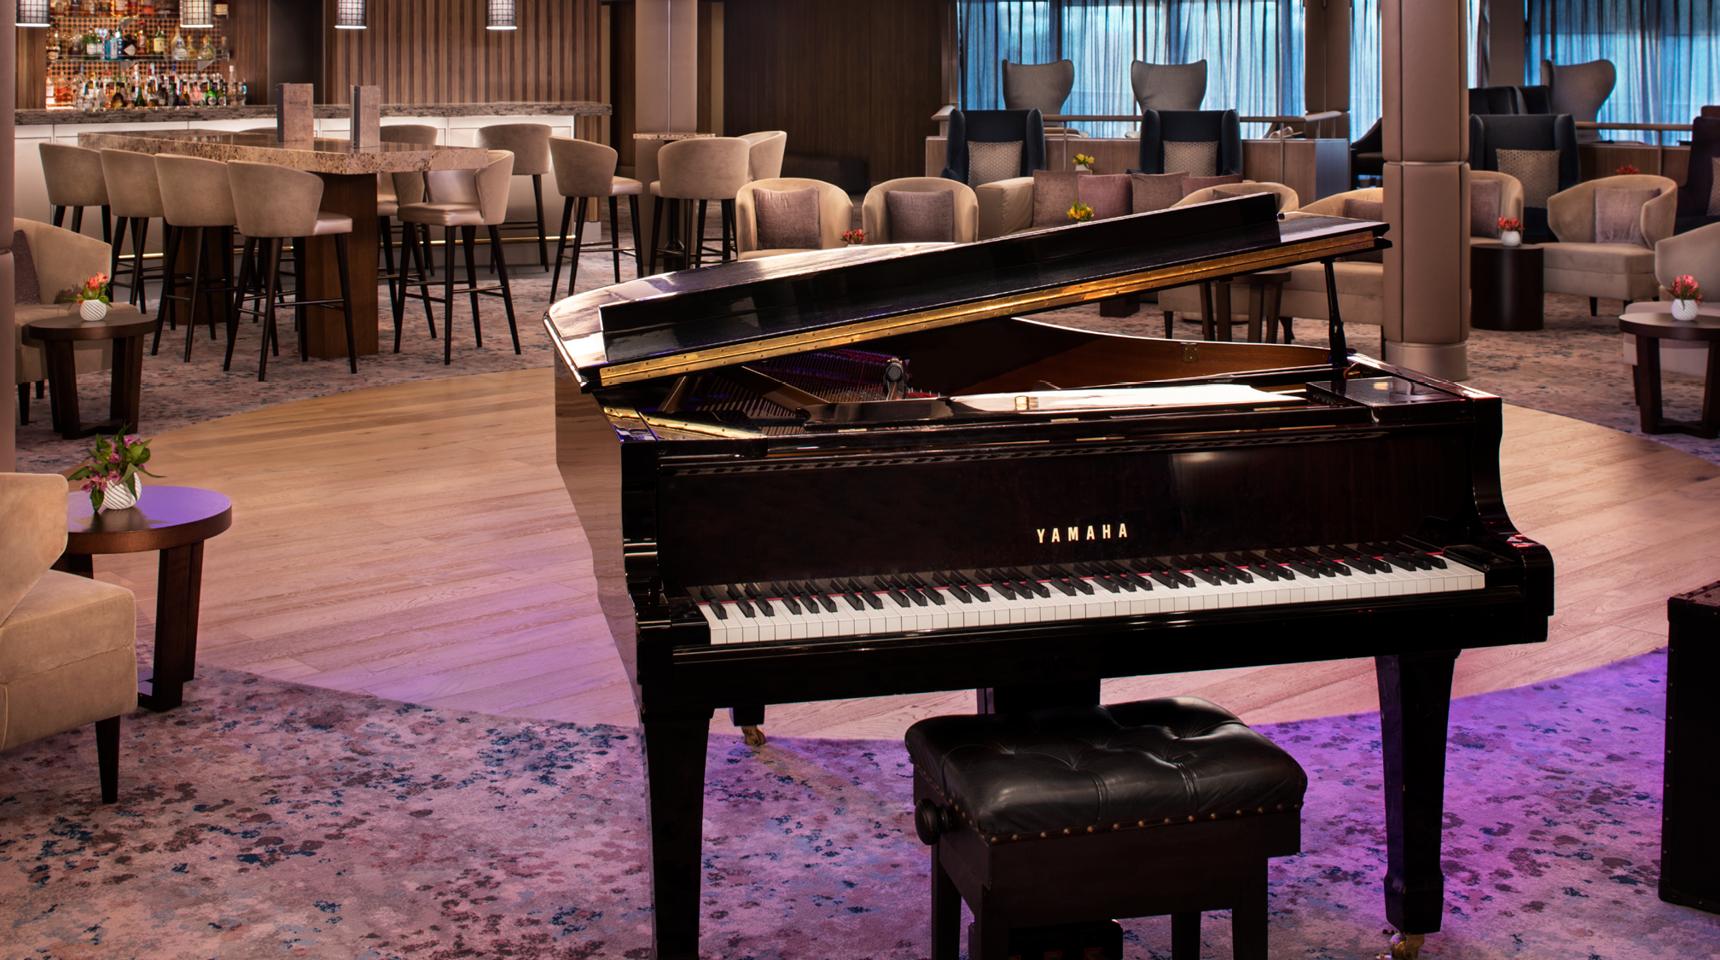 Celebrity Millennium Grand Piano Interiors